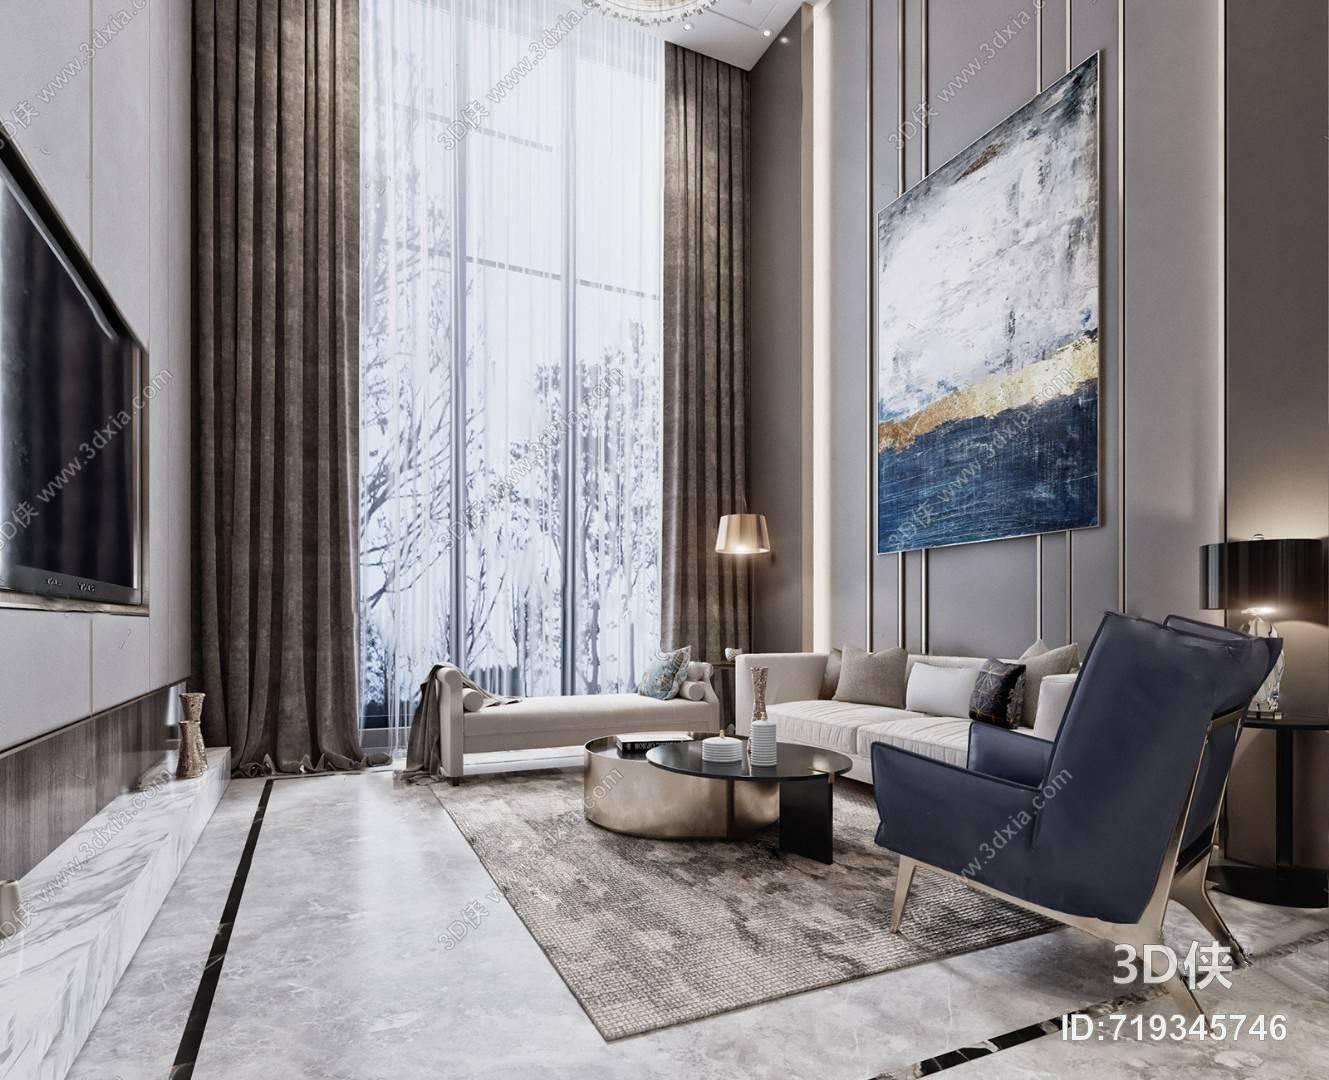 现代客餐厅 窗帘 台灯 挂画 单人沙发 沙发茶几组合 落地灯 地毯